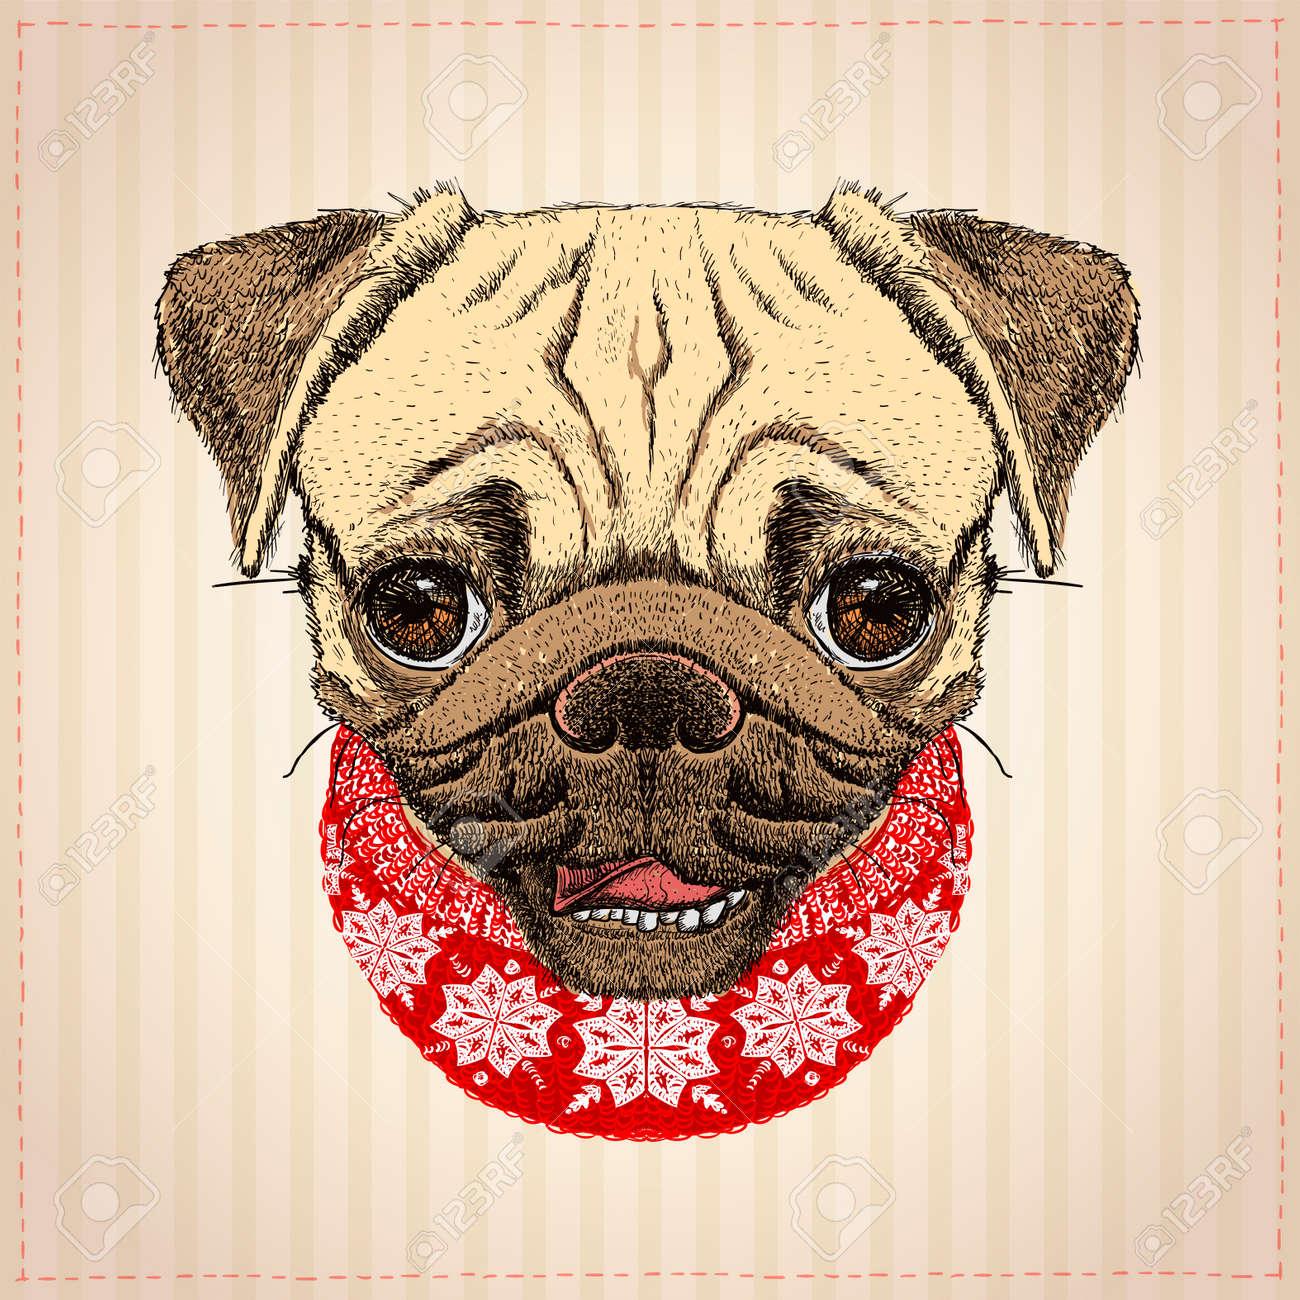 Dog Christmas Card Photo.Pug Dog Christmas Card Hand Drawn Illustration With Cute Pug